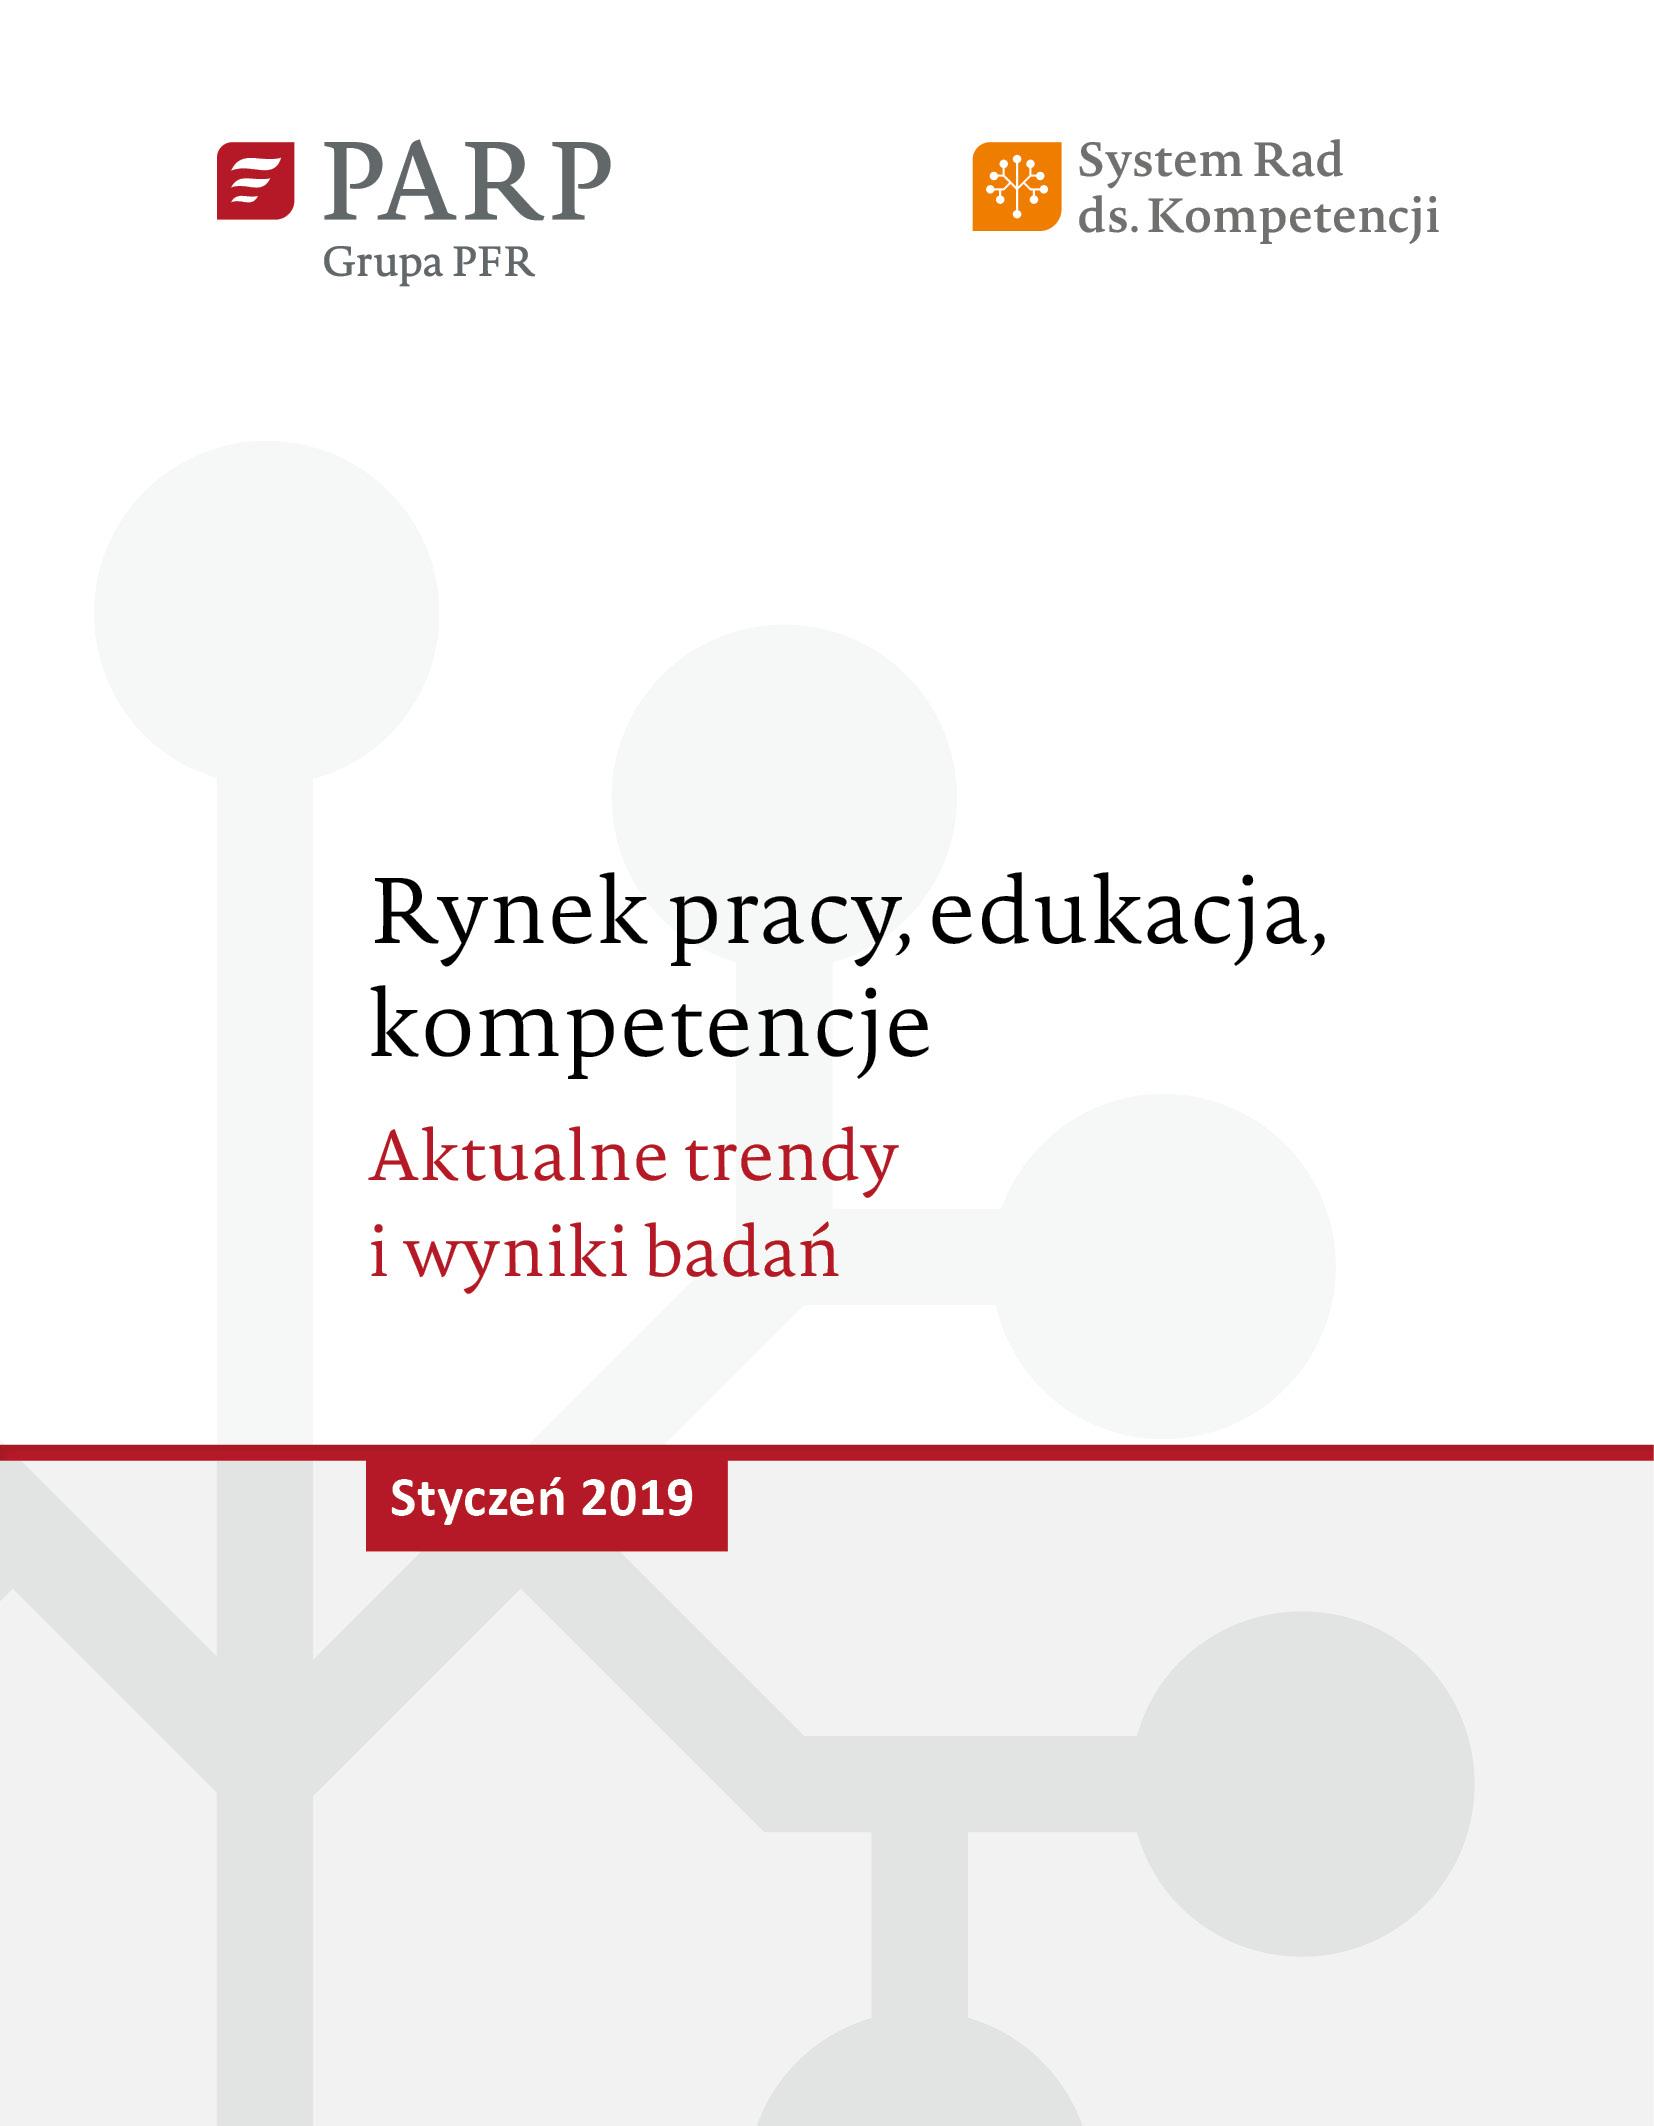 Rynek pracy, edukacja, kompetencje - styczeń 2019